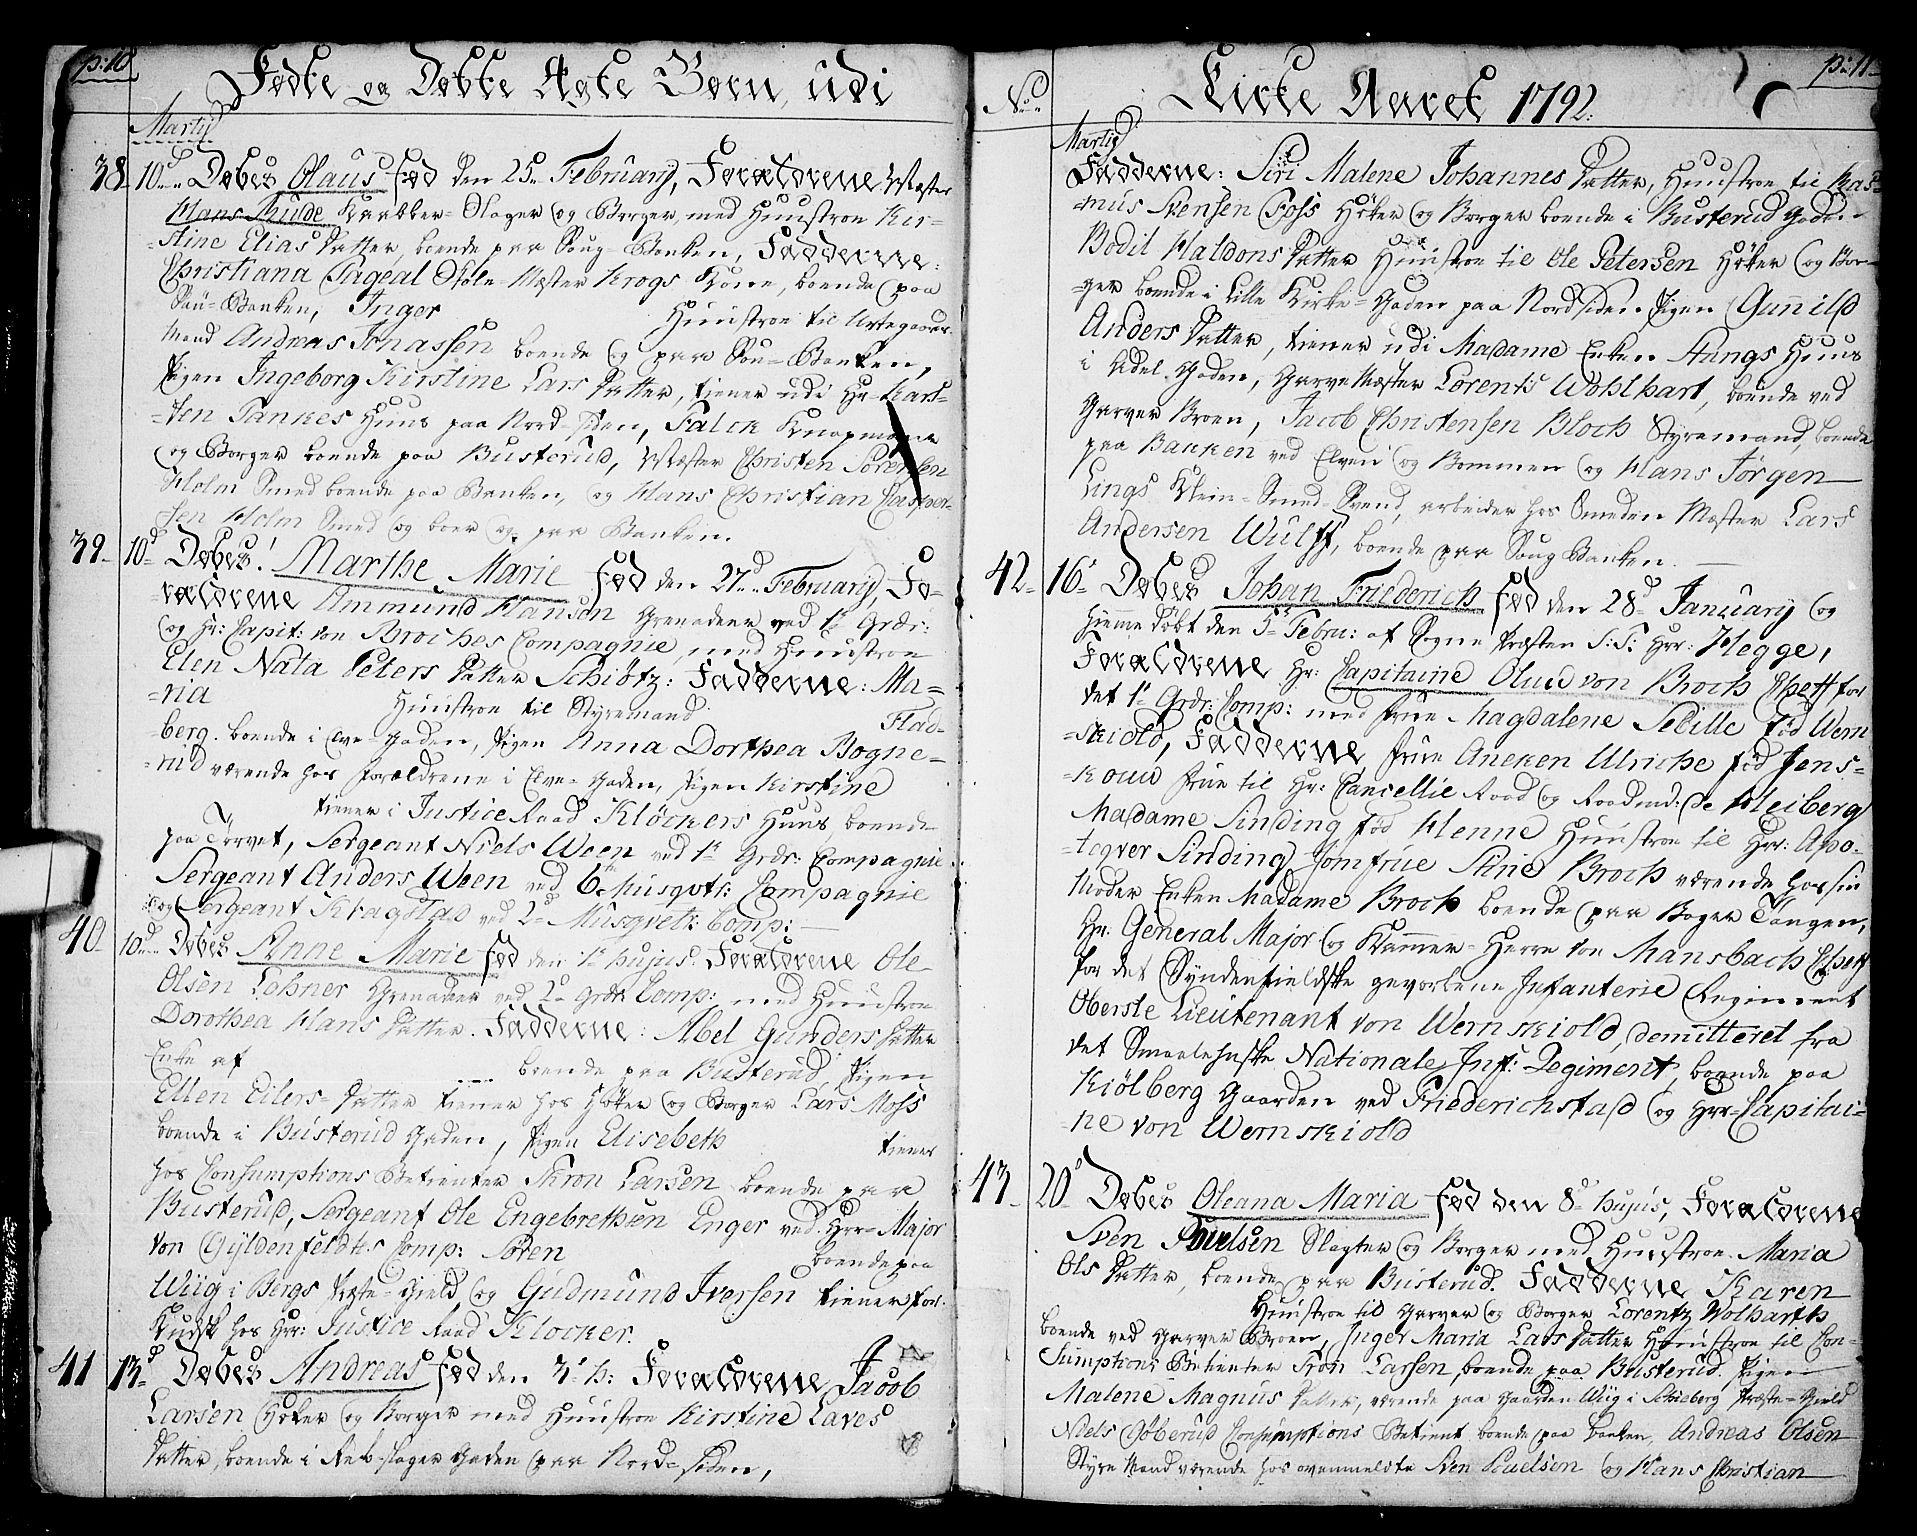 SAO, Halden prestekontor Kirkebøker, F/Fa/L0002: Ministerialbok nr. I 2, 1792-1812, s. 10-11